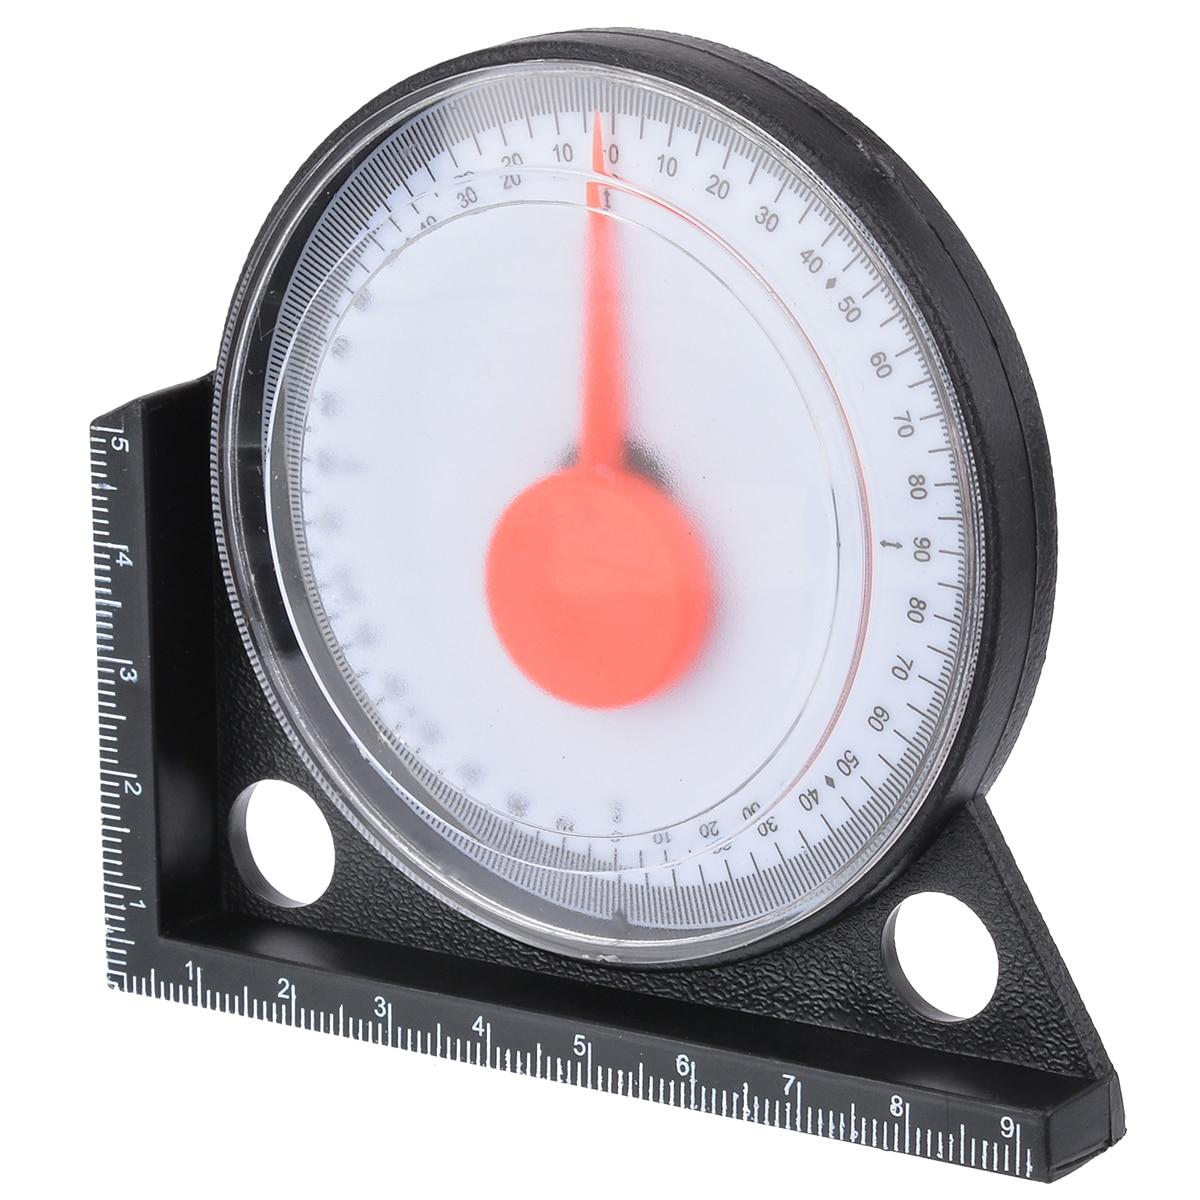 1pcs Measuring Inclinometer Slope Angle Finder Protractor Tilt Level Meter Clinometer Gauge Gauging Tools